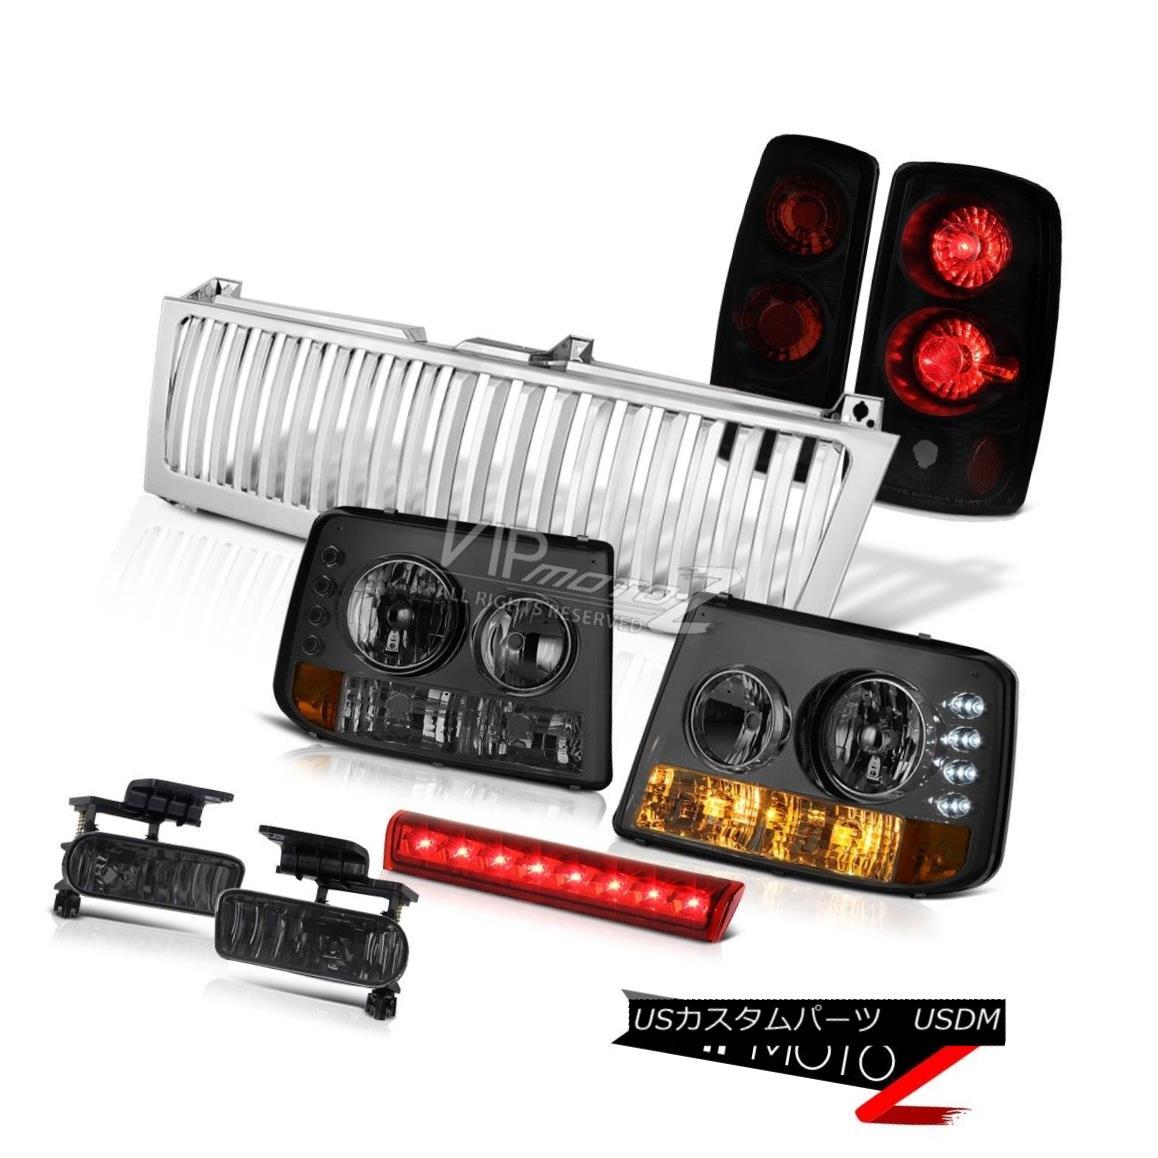 ヘッドライト Smoke Headlamps Sinister Black Lights Fog Red LED Crystal 00-06 Suburban 5.3L スモークヘッドランプ懐疑的なブラックライトフォグレッドLEDクリスタル00-06郊外5.3L